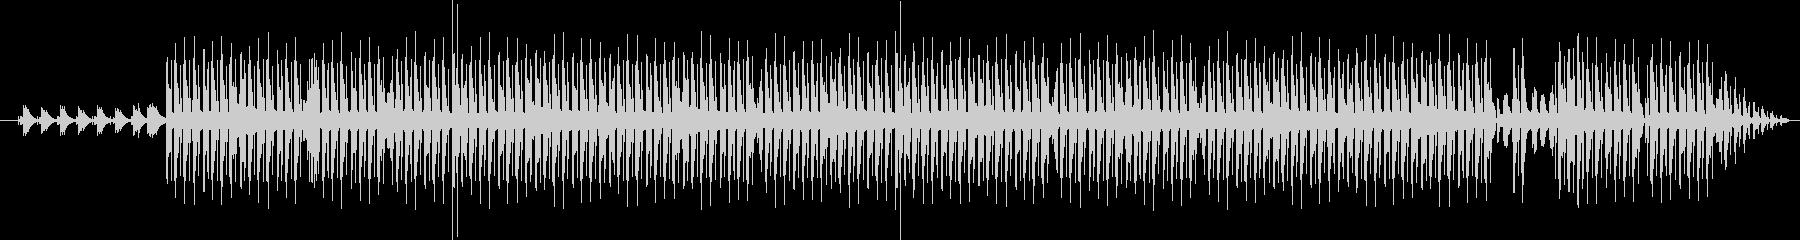 ヒップホップ楽器。圧倒的なストリー...の未再生の波形